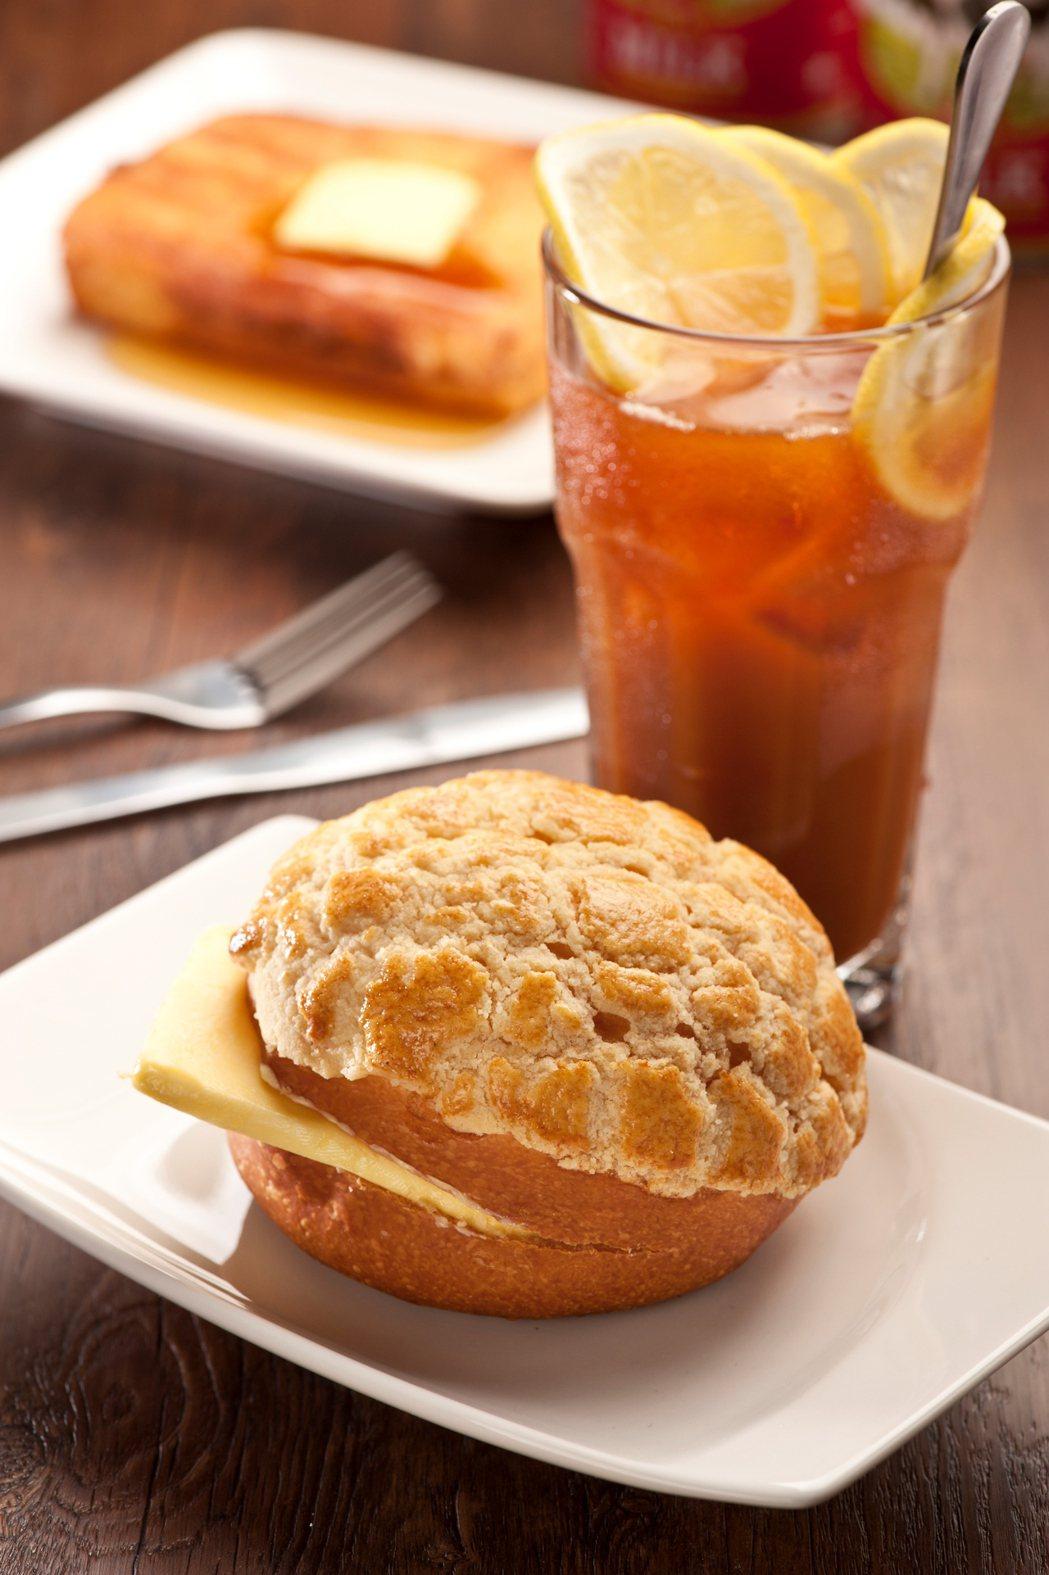 檀島咖啡餅店的檀島菠蘿油、凍西冷檸檬茶。圖/新光三越提供